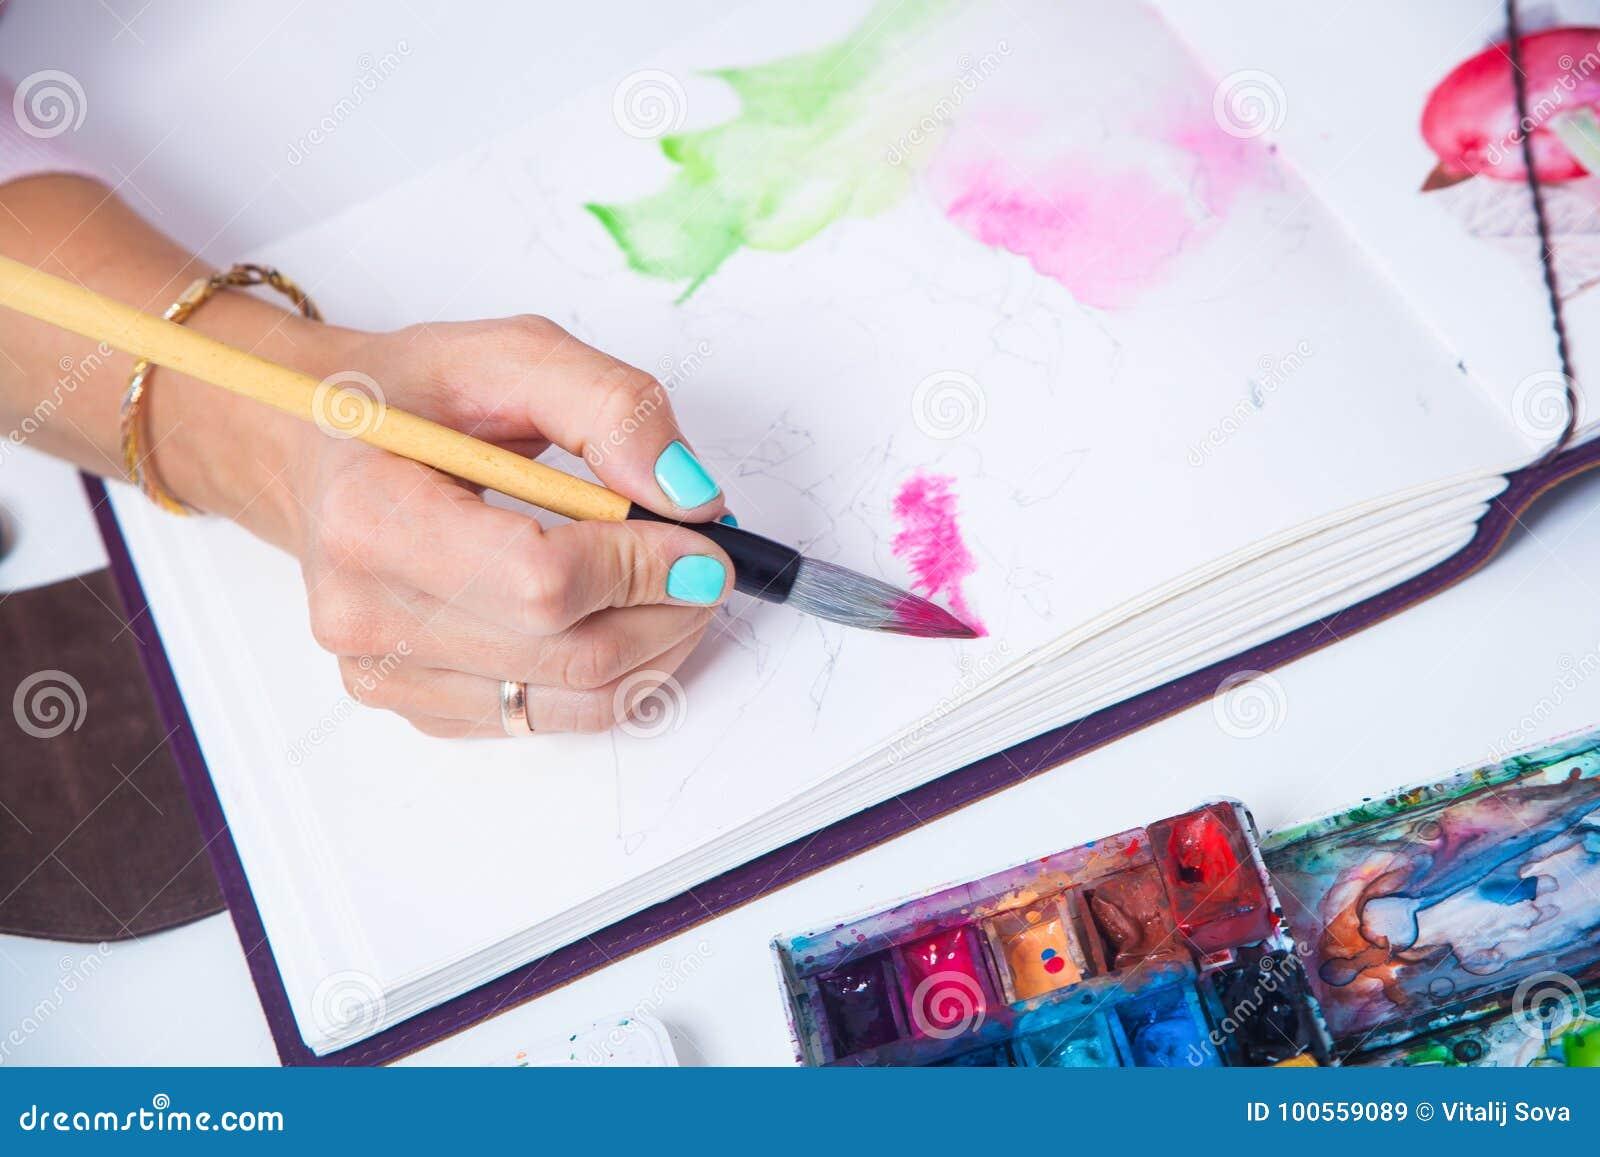 Zakończenie artystów remisy